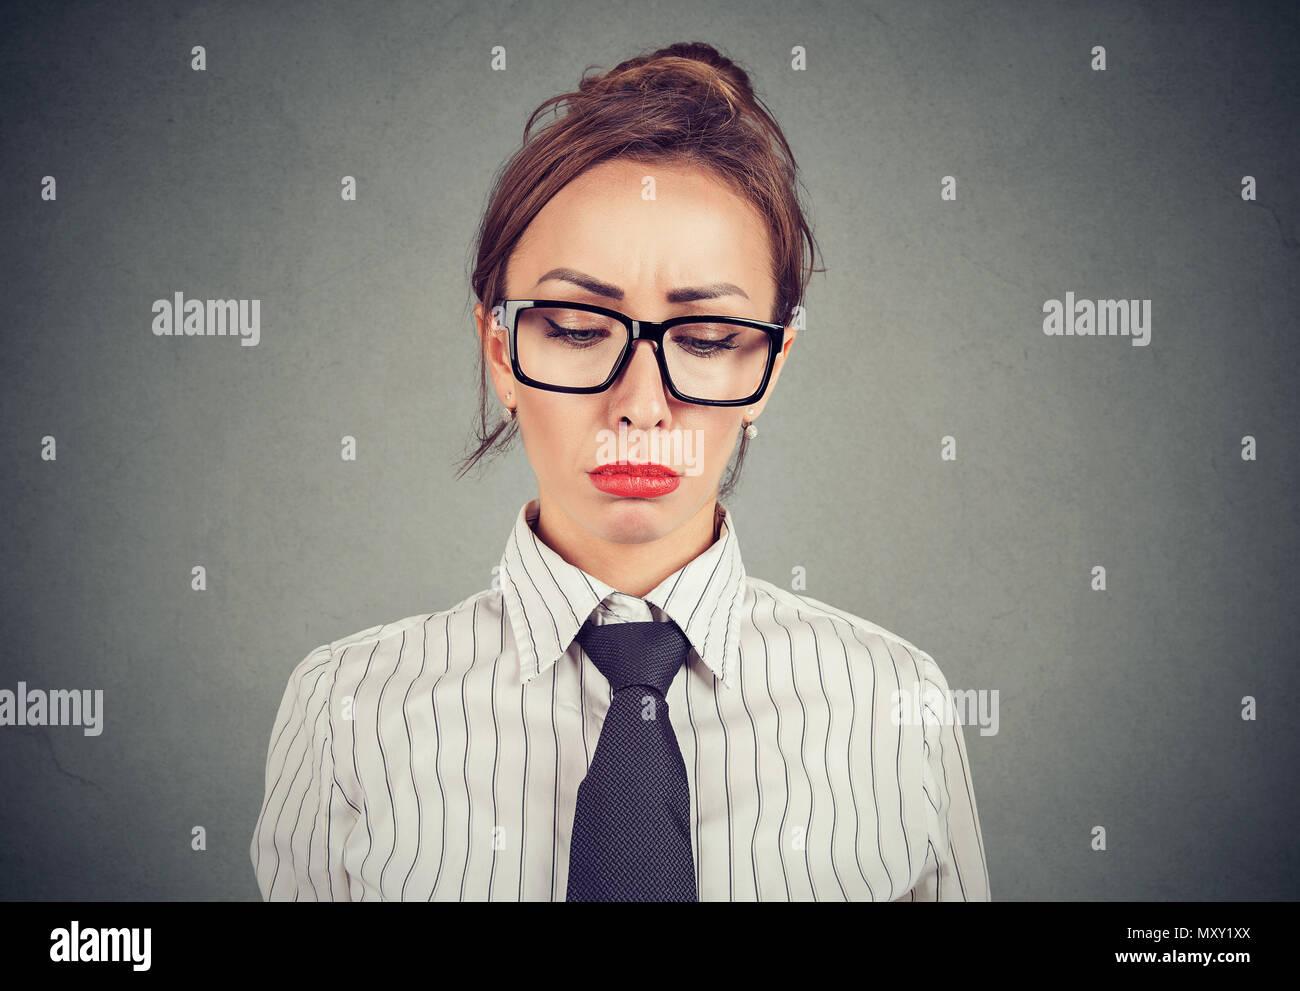 Bella mujer en ropa formal y con labios rojos mirando hacia abajo en la desesperación buscando lástima Imagen De Stock